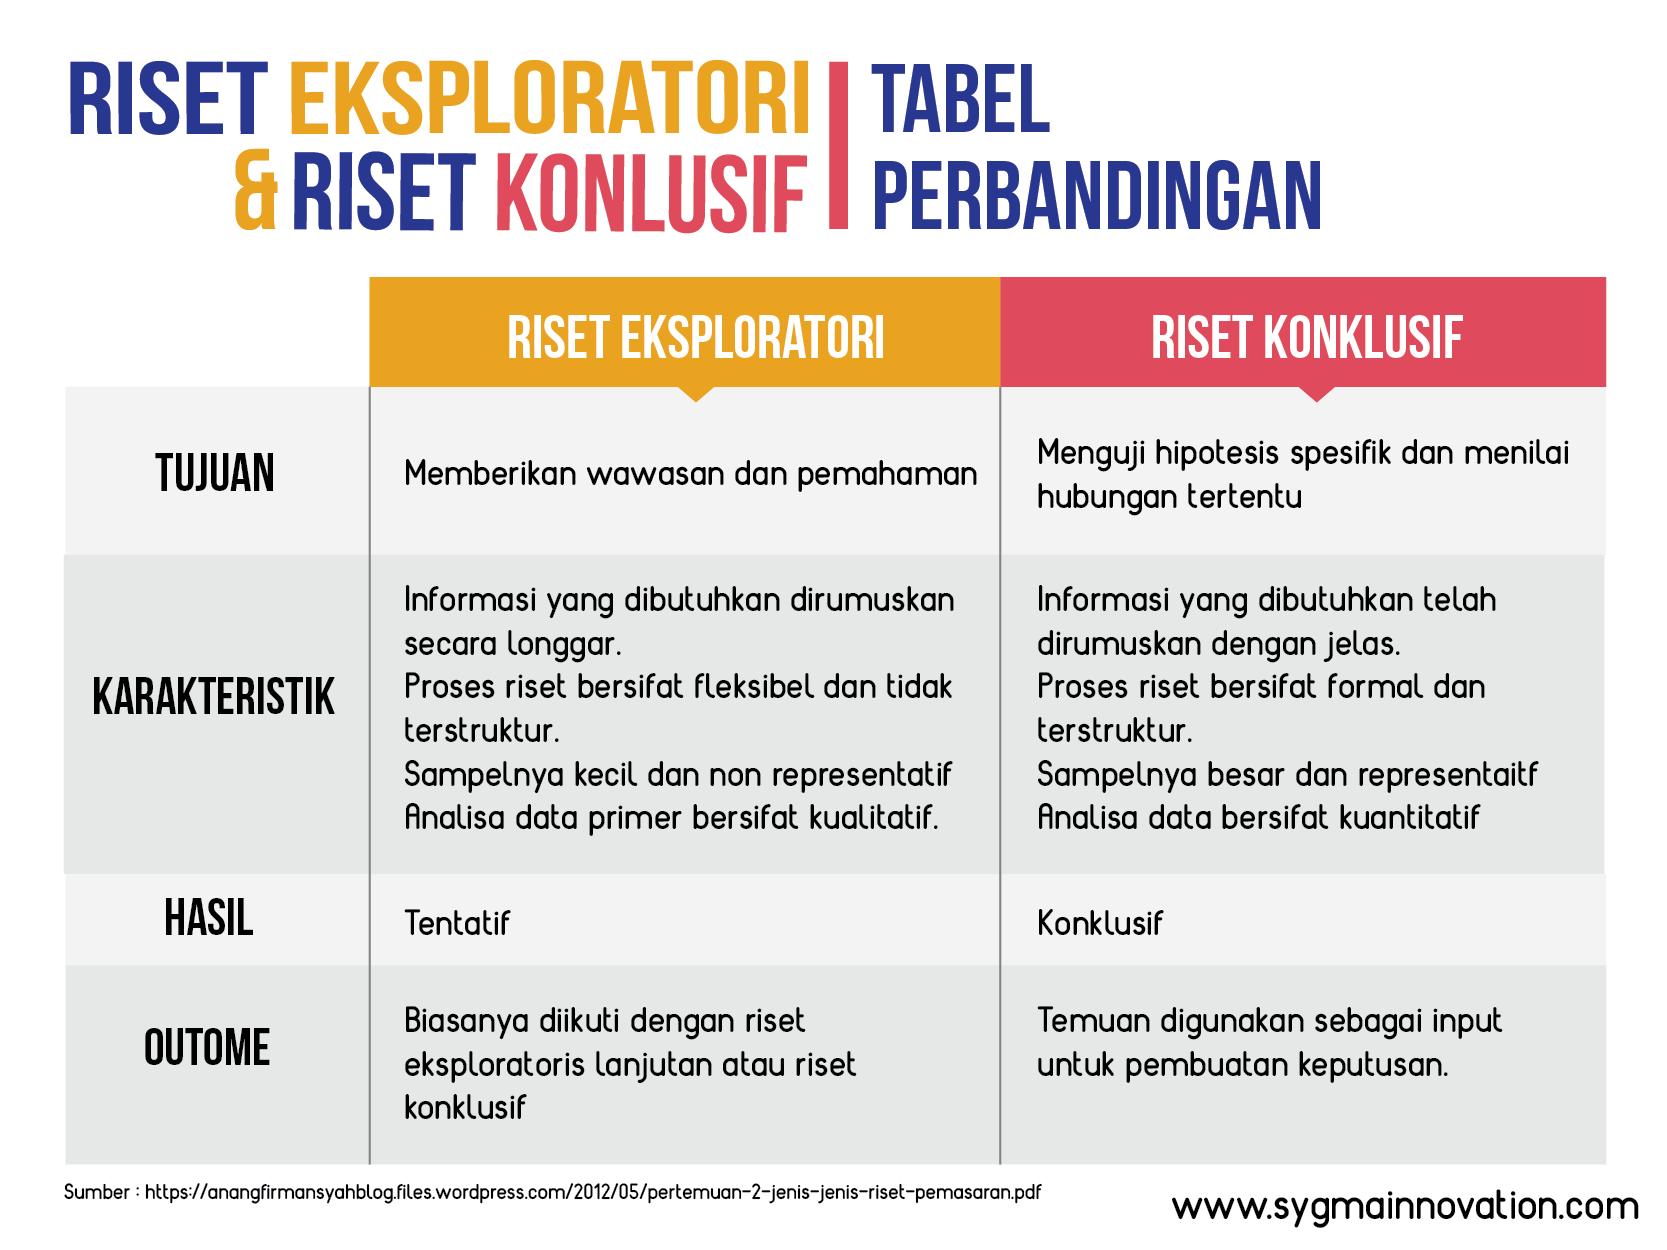 tabel perbandingan riset eksploratori dan riset konklusif